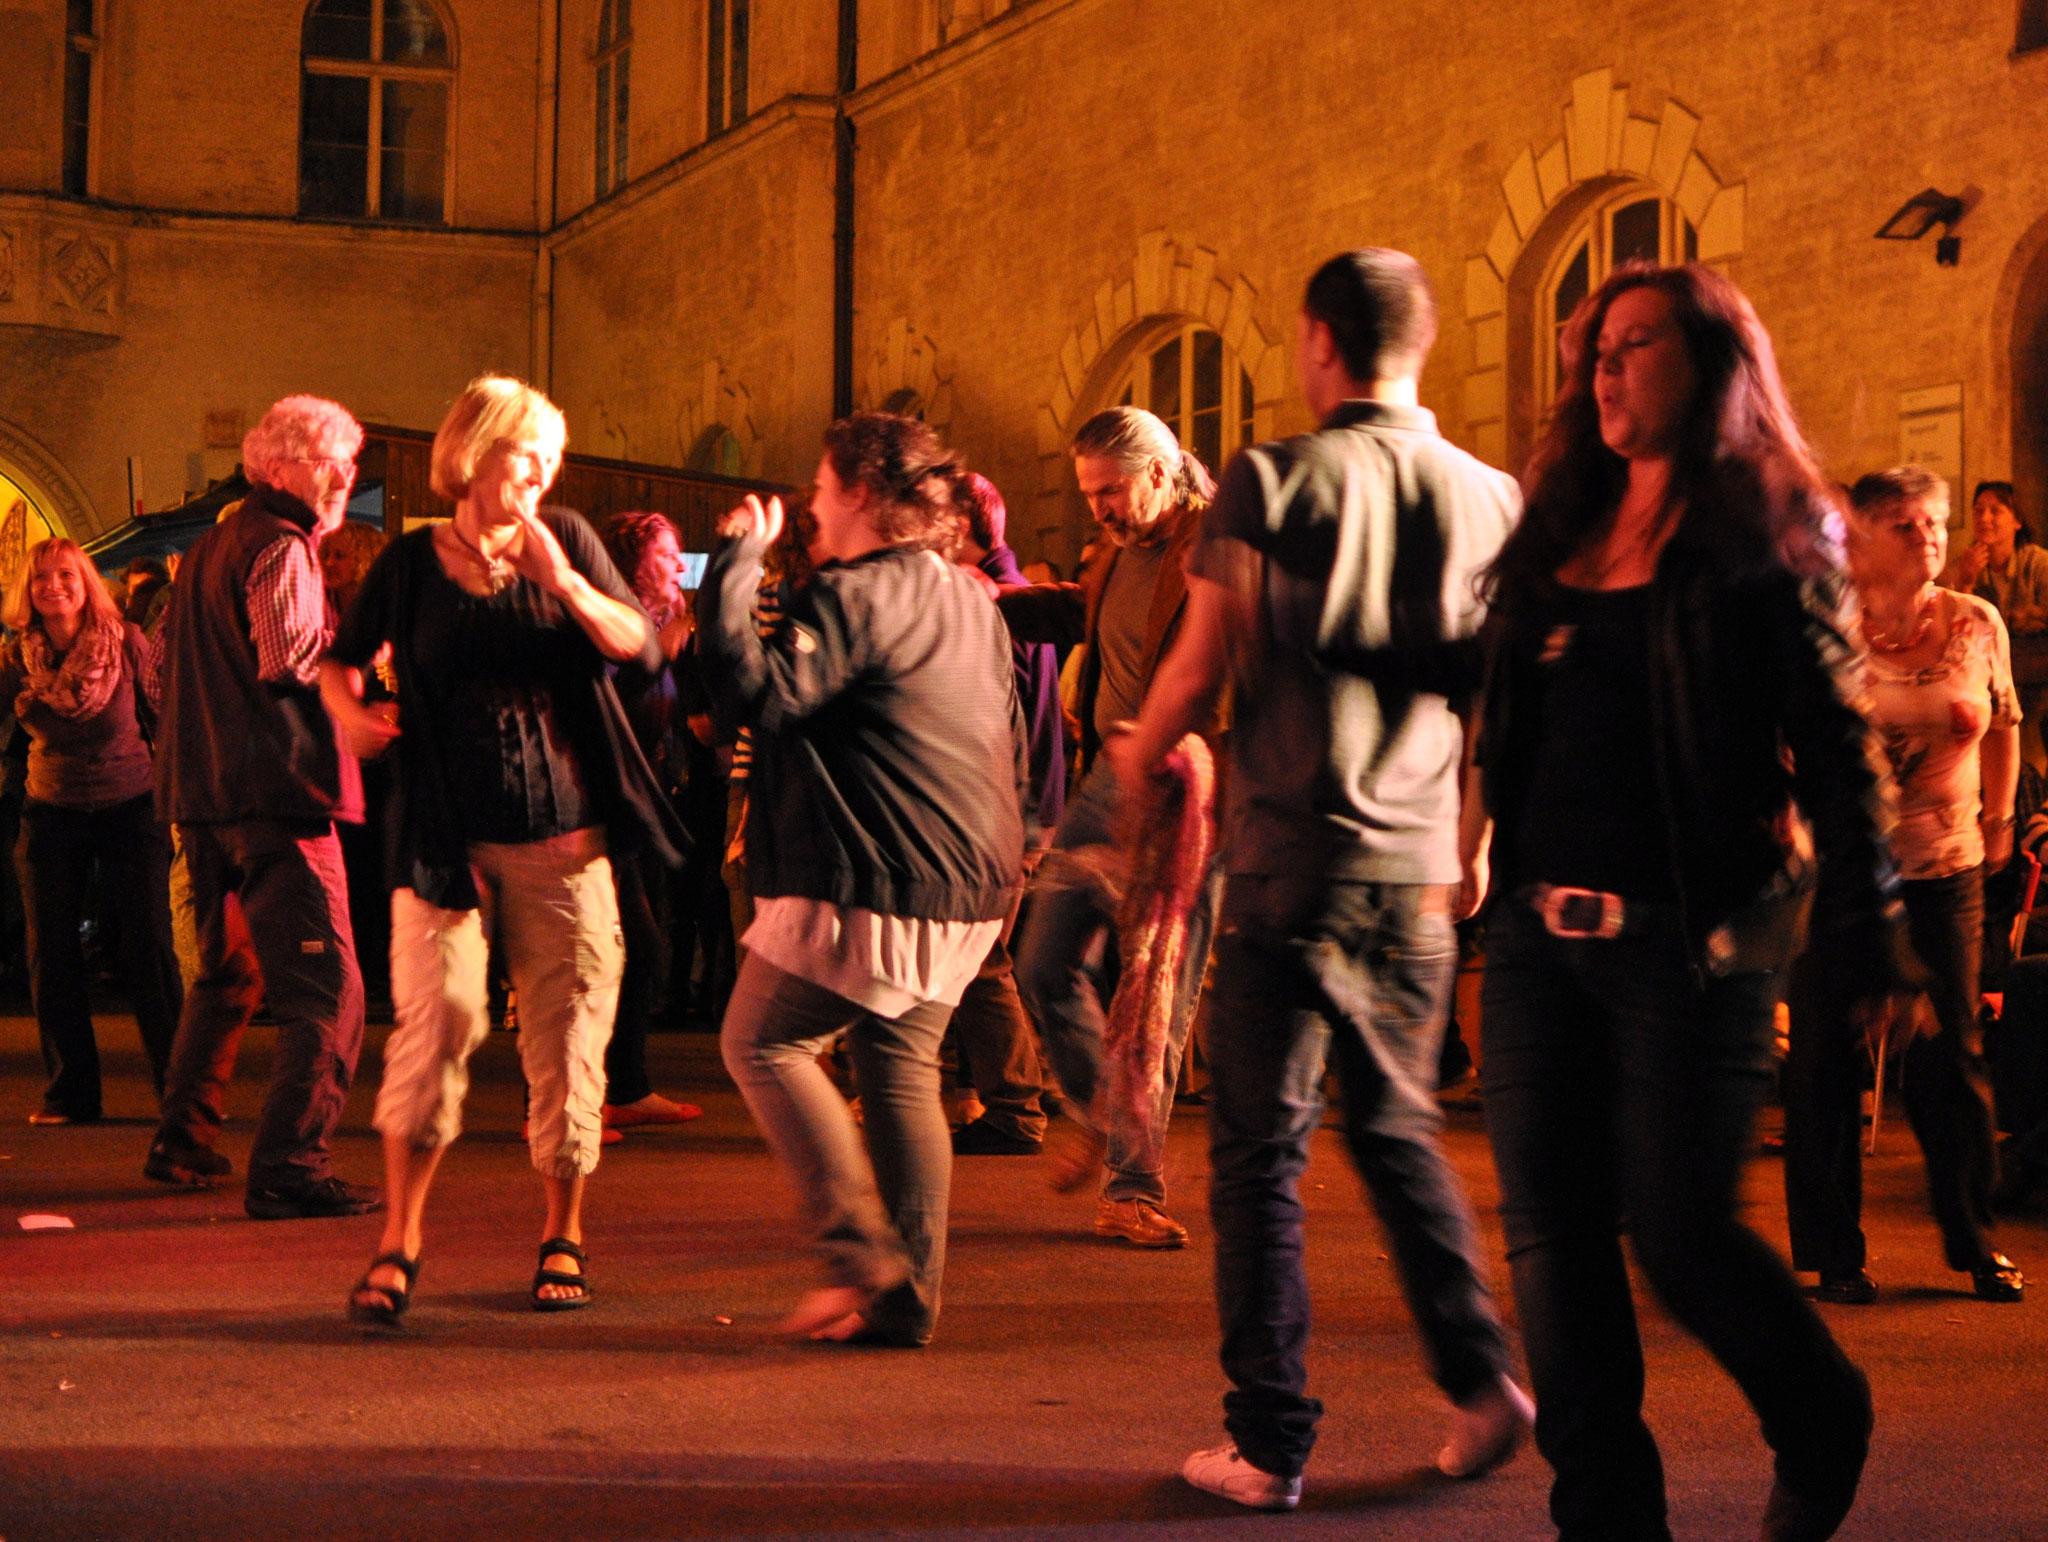 Konzerte im Bürgerhof 15.07.11 - Freiwilligen-Zentrum Augsburg - Foto: Martin Schönberger